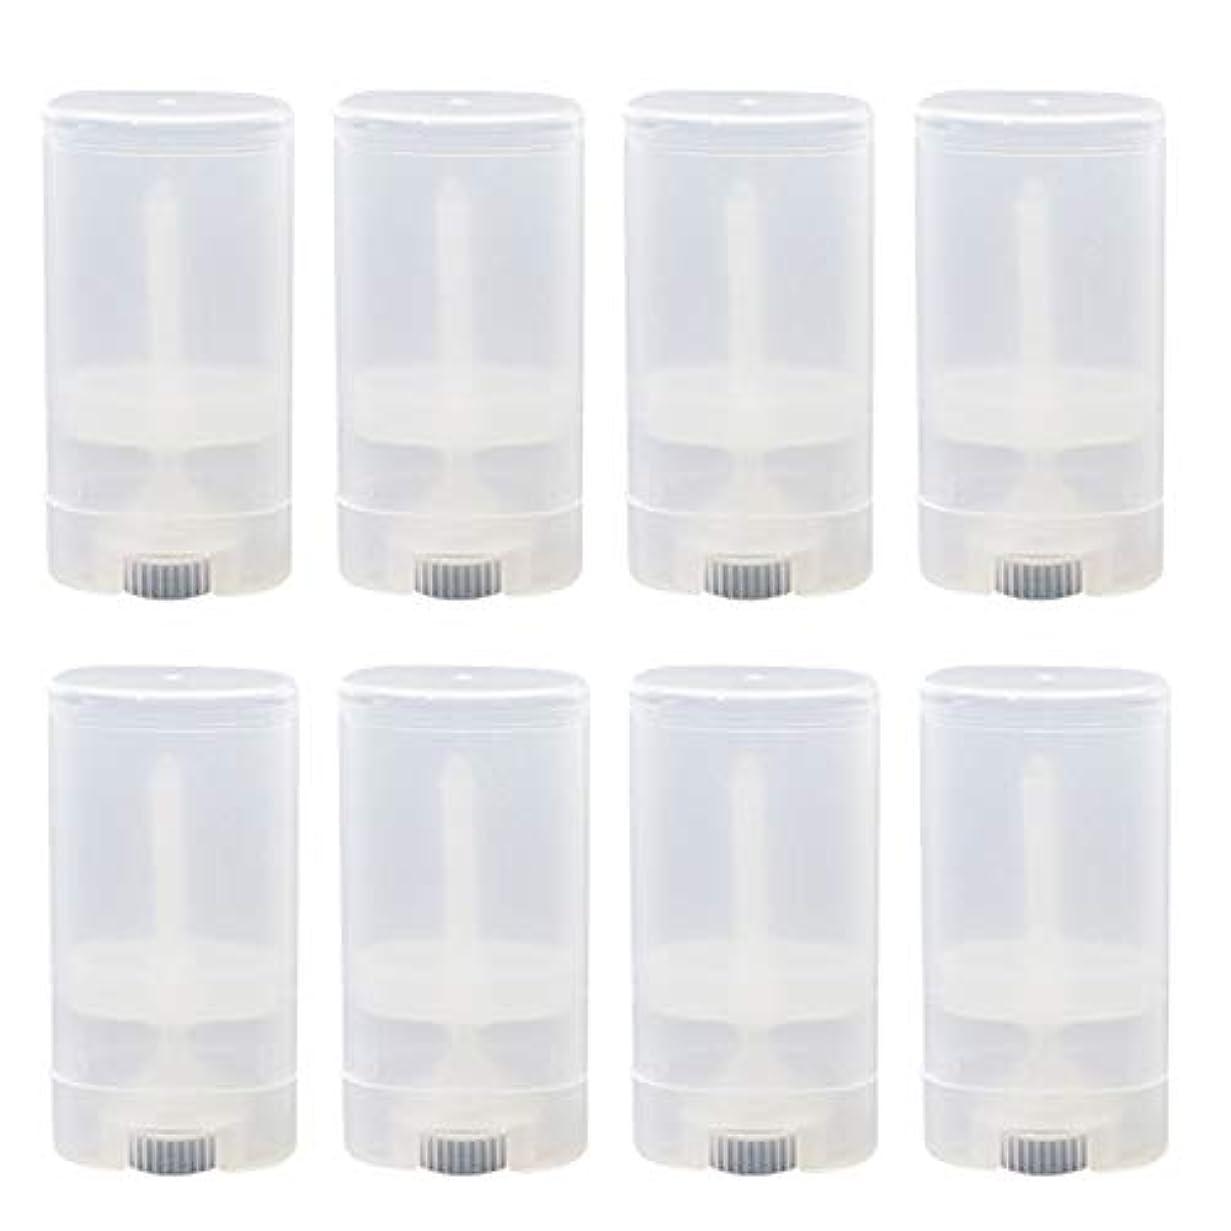 ガム当社ワーカーMigavann 10ピース15グラムリップバームチューブ リップクリーム容器 詰め替え式透明空消臭自家製石鹸リップクリーム口紅容器チューブボトル